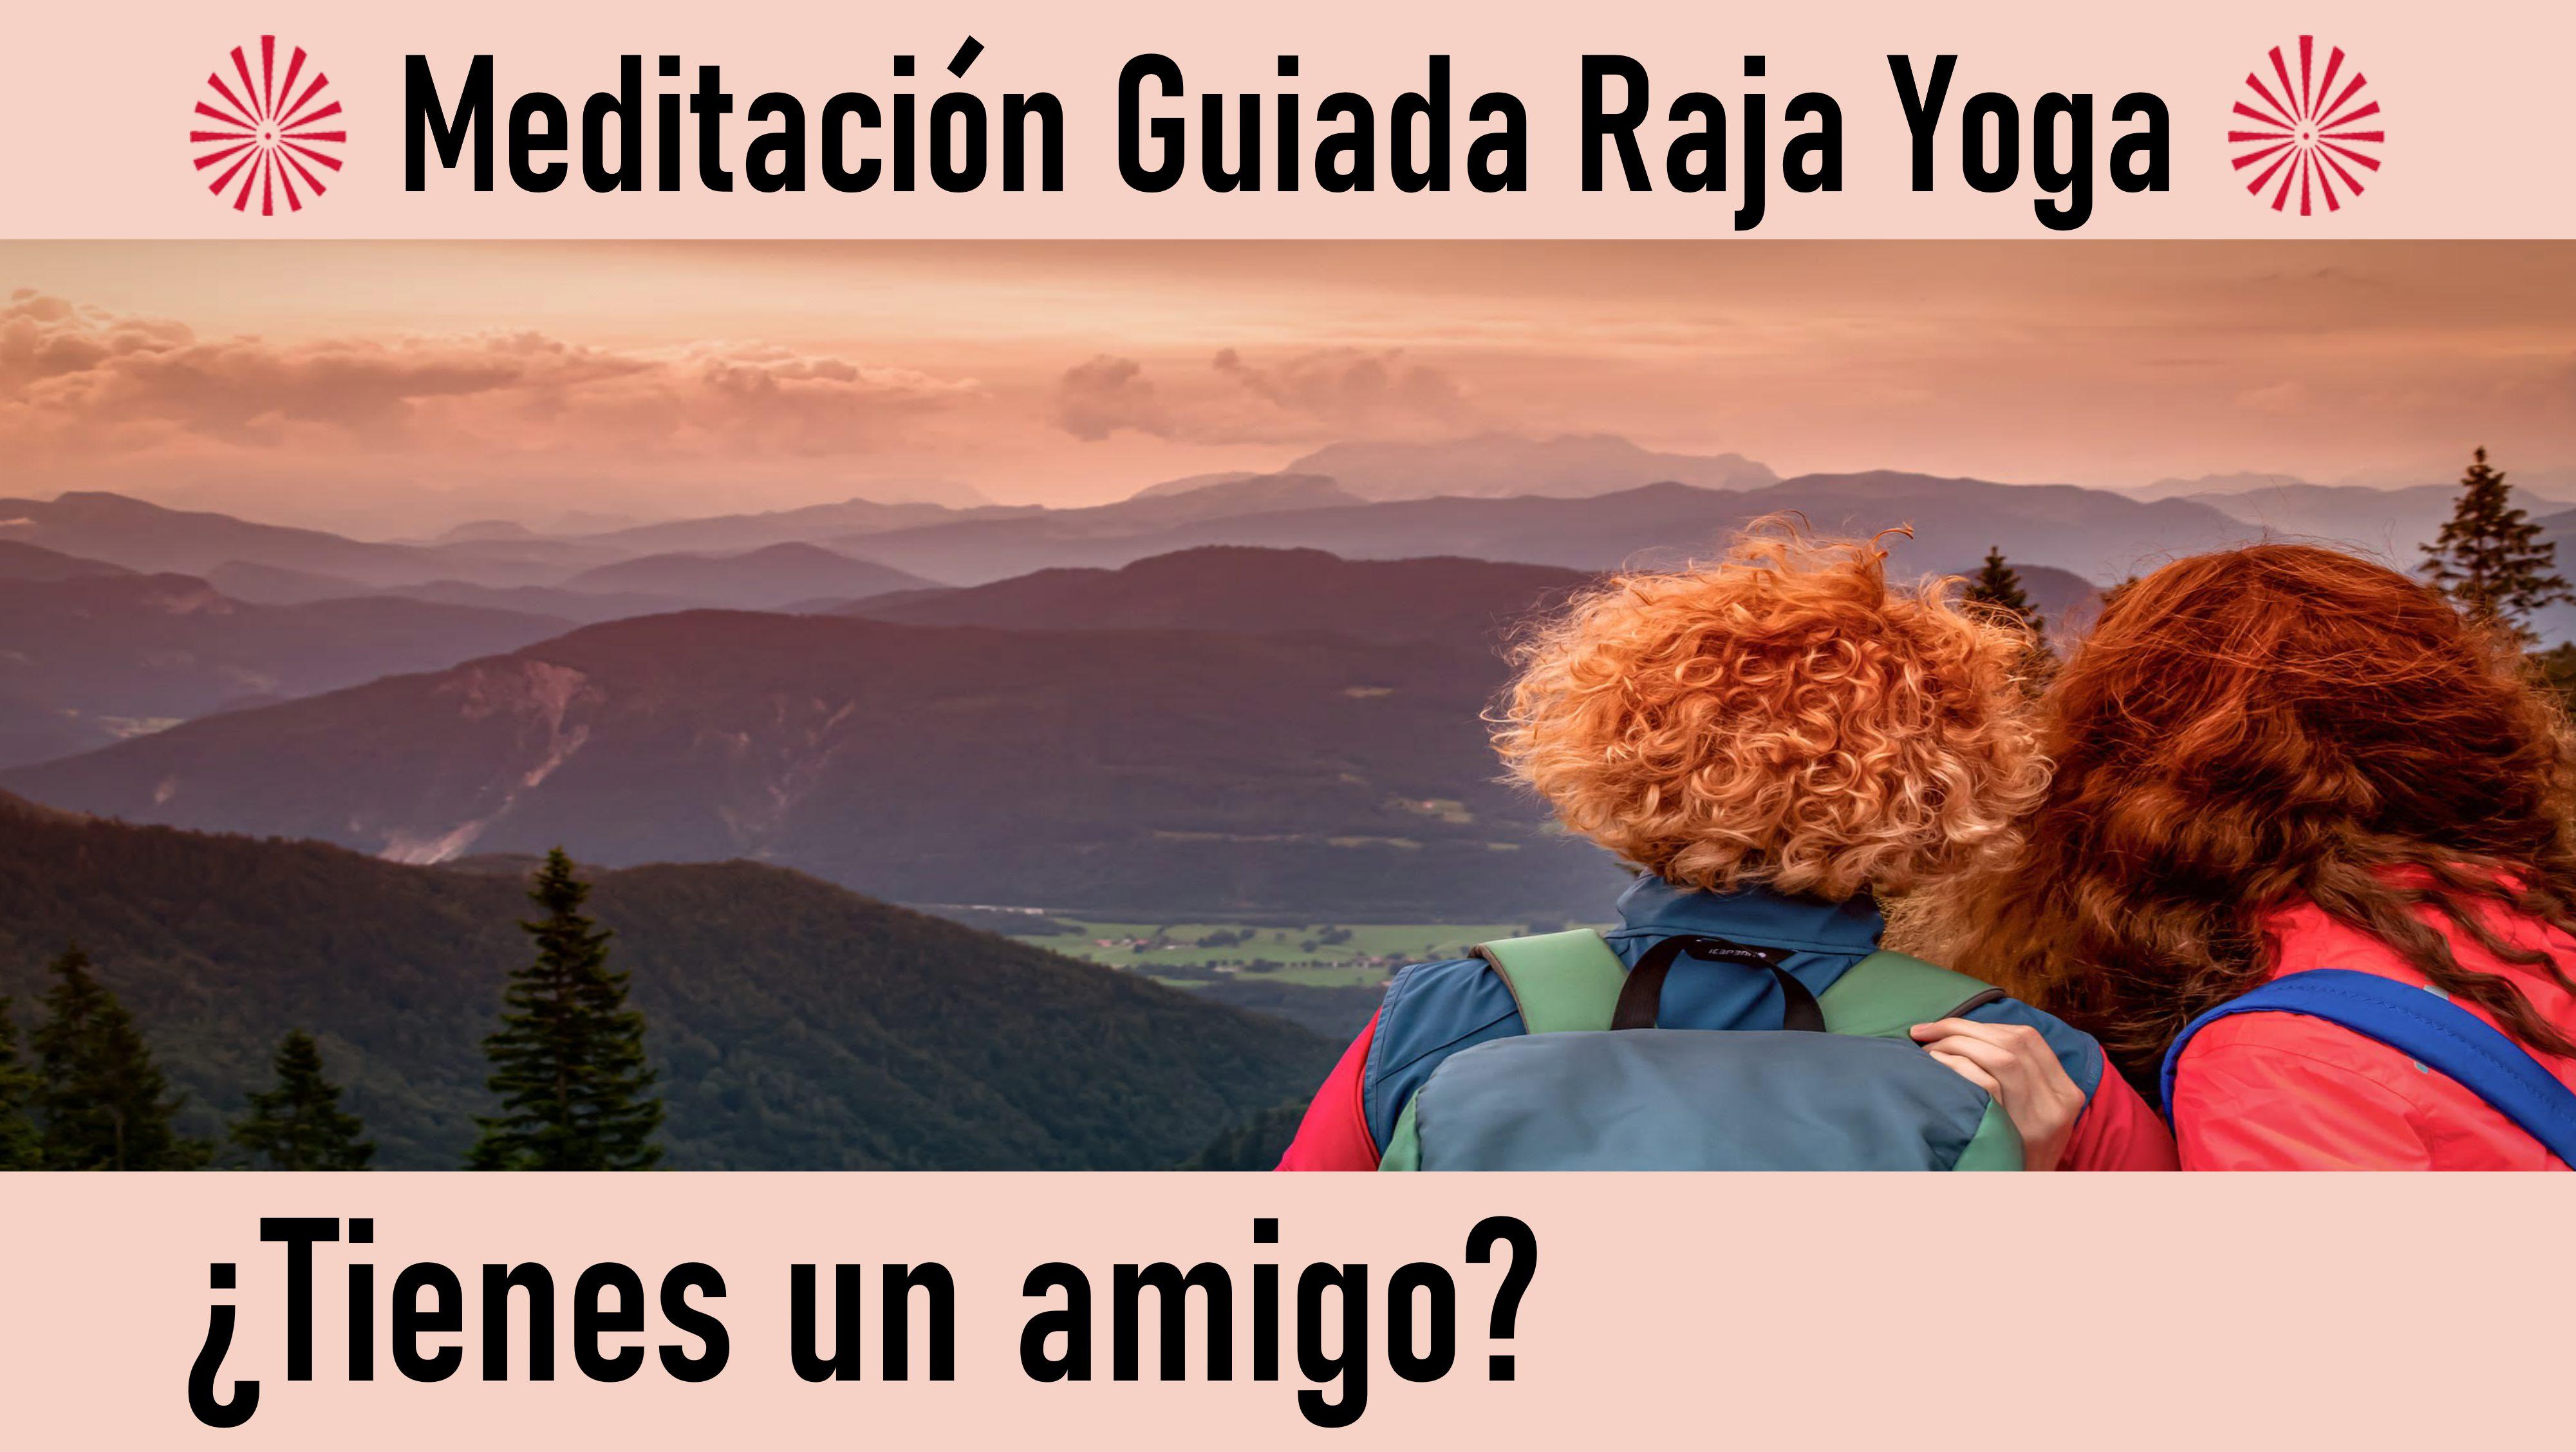 Meditación Raja Yoga: ¿Tienes un amigo ? (12 Agosto 2020) On-line desde Sevilla